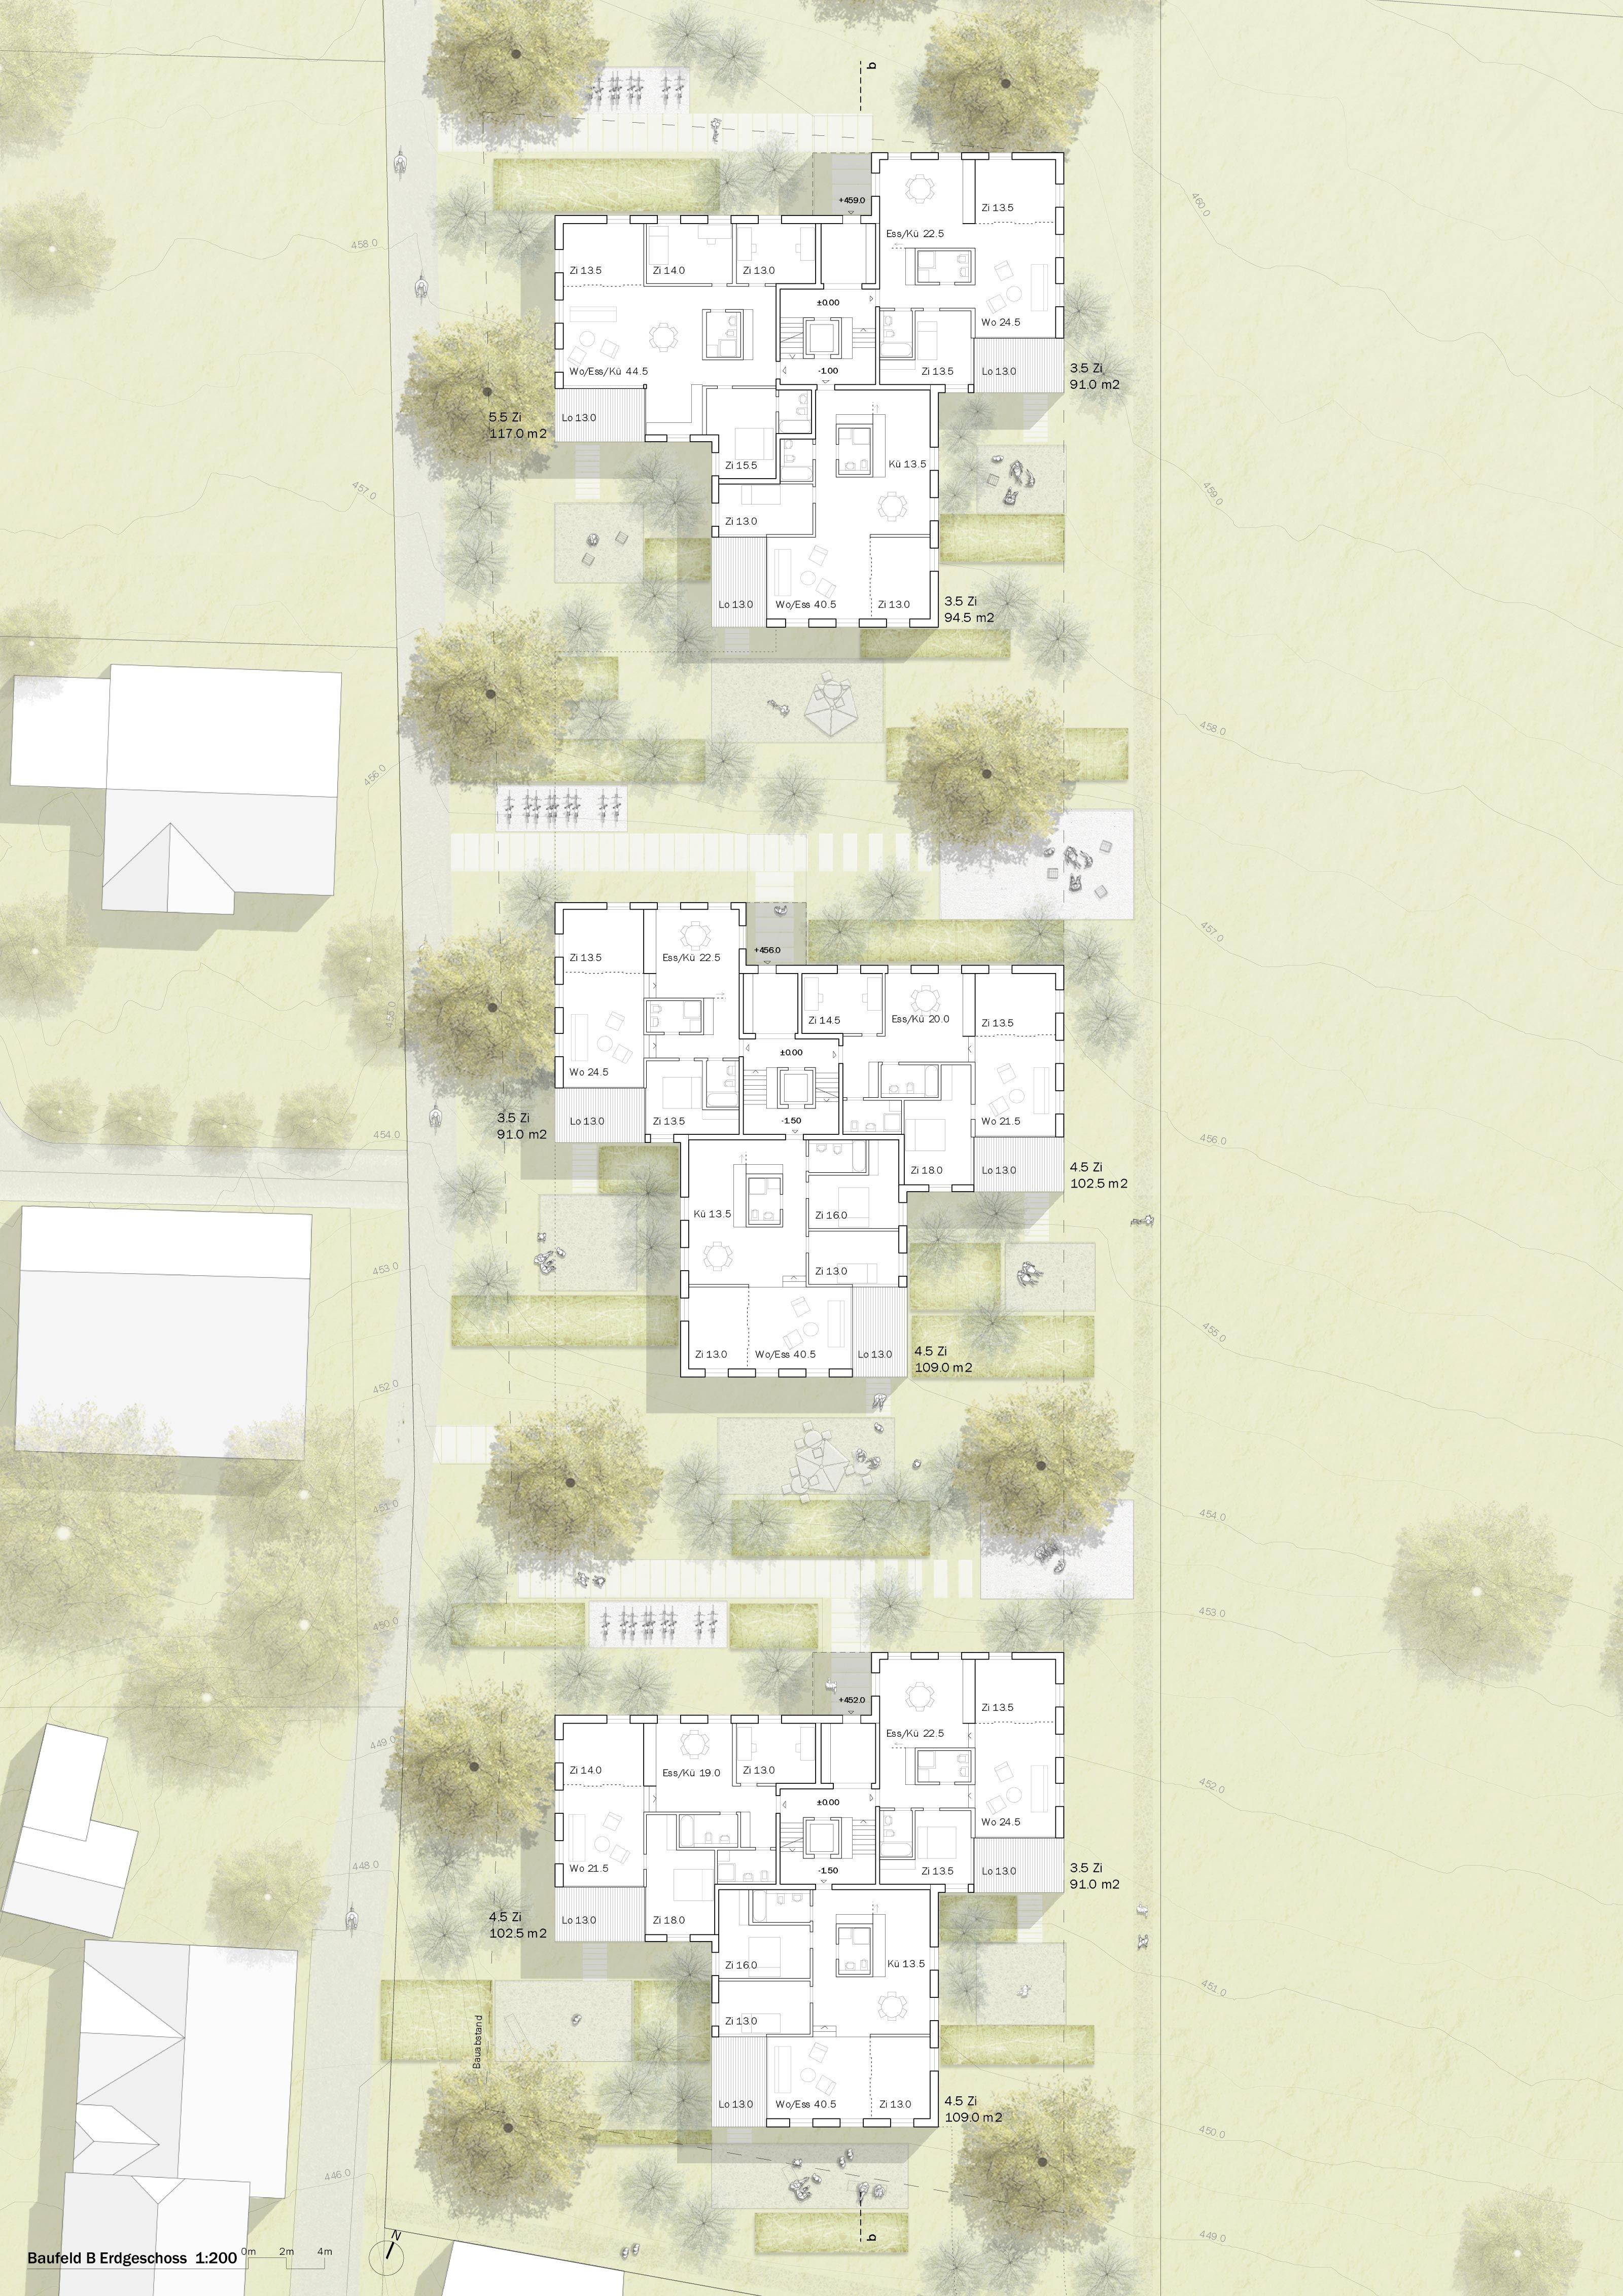 Gewinner Zur Realisierung Empfohlen Planung Wohnübe...competitionline